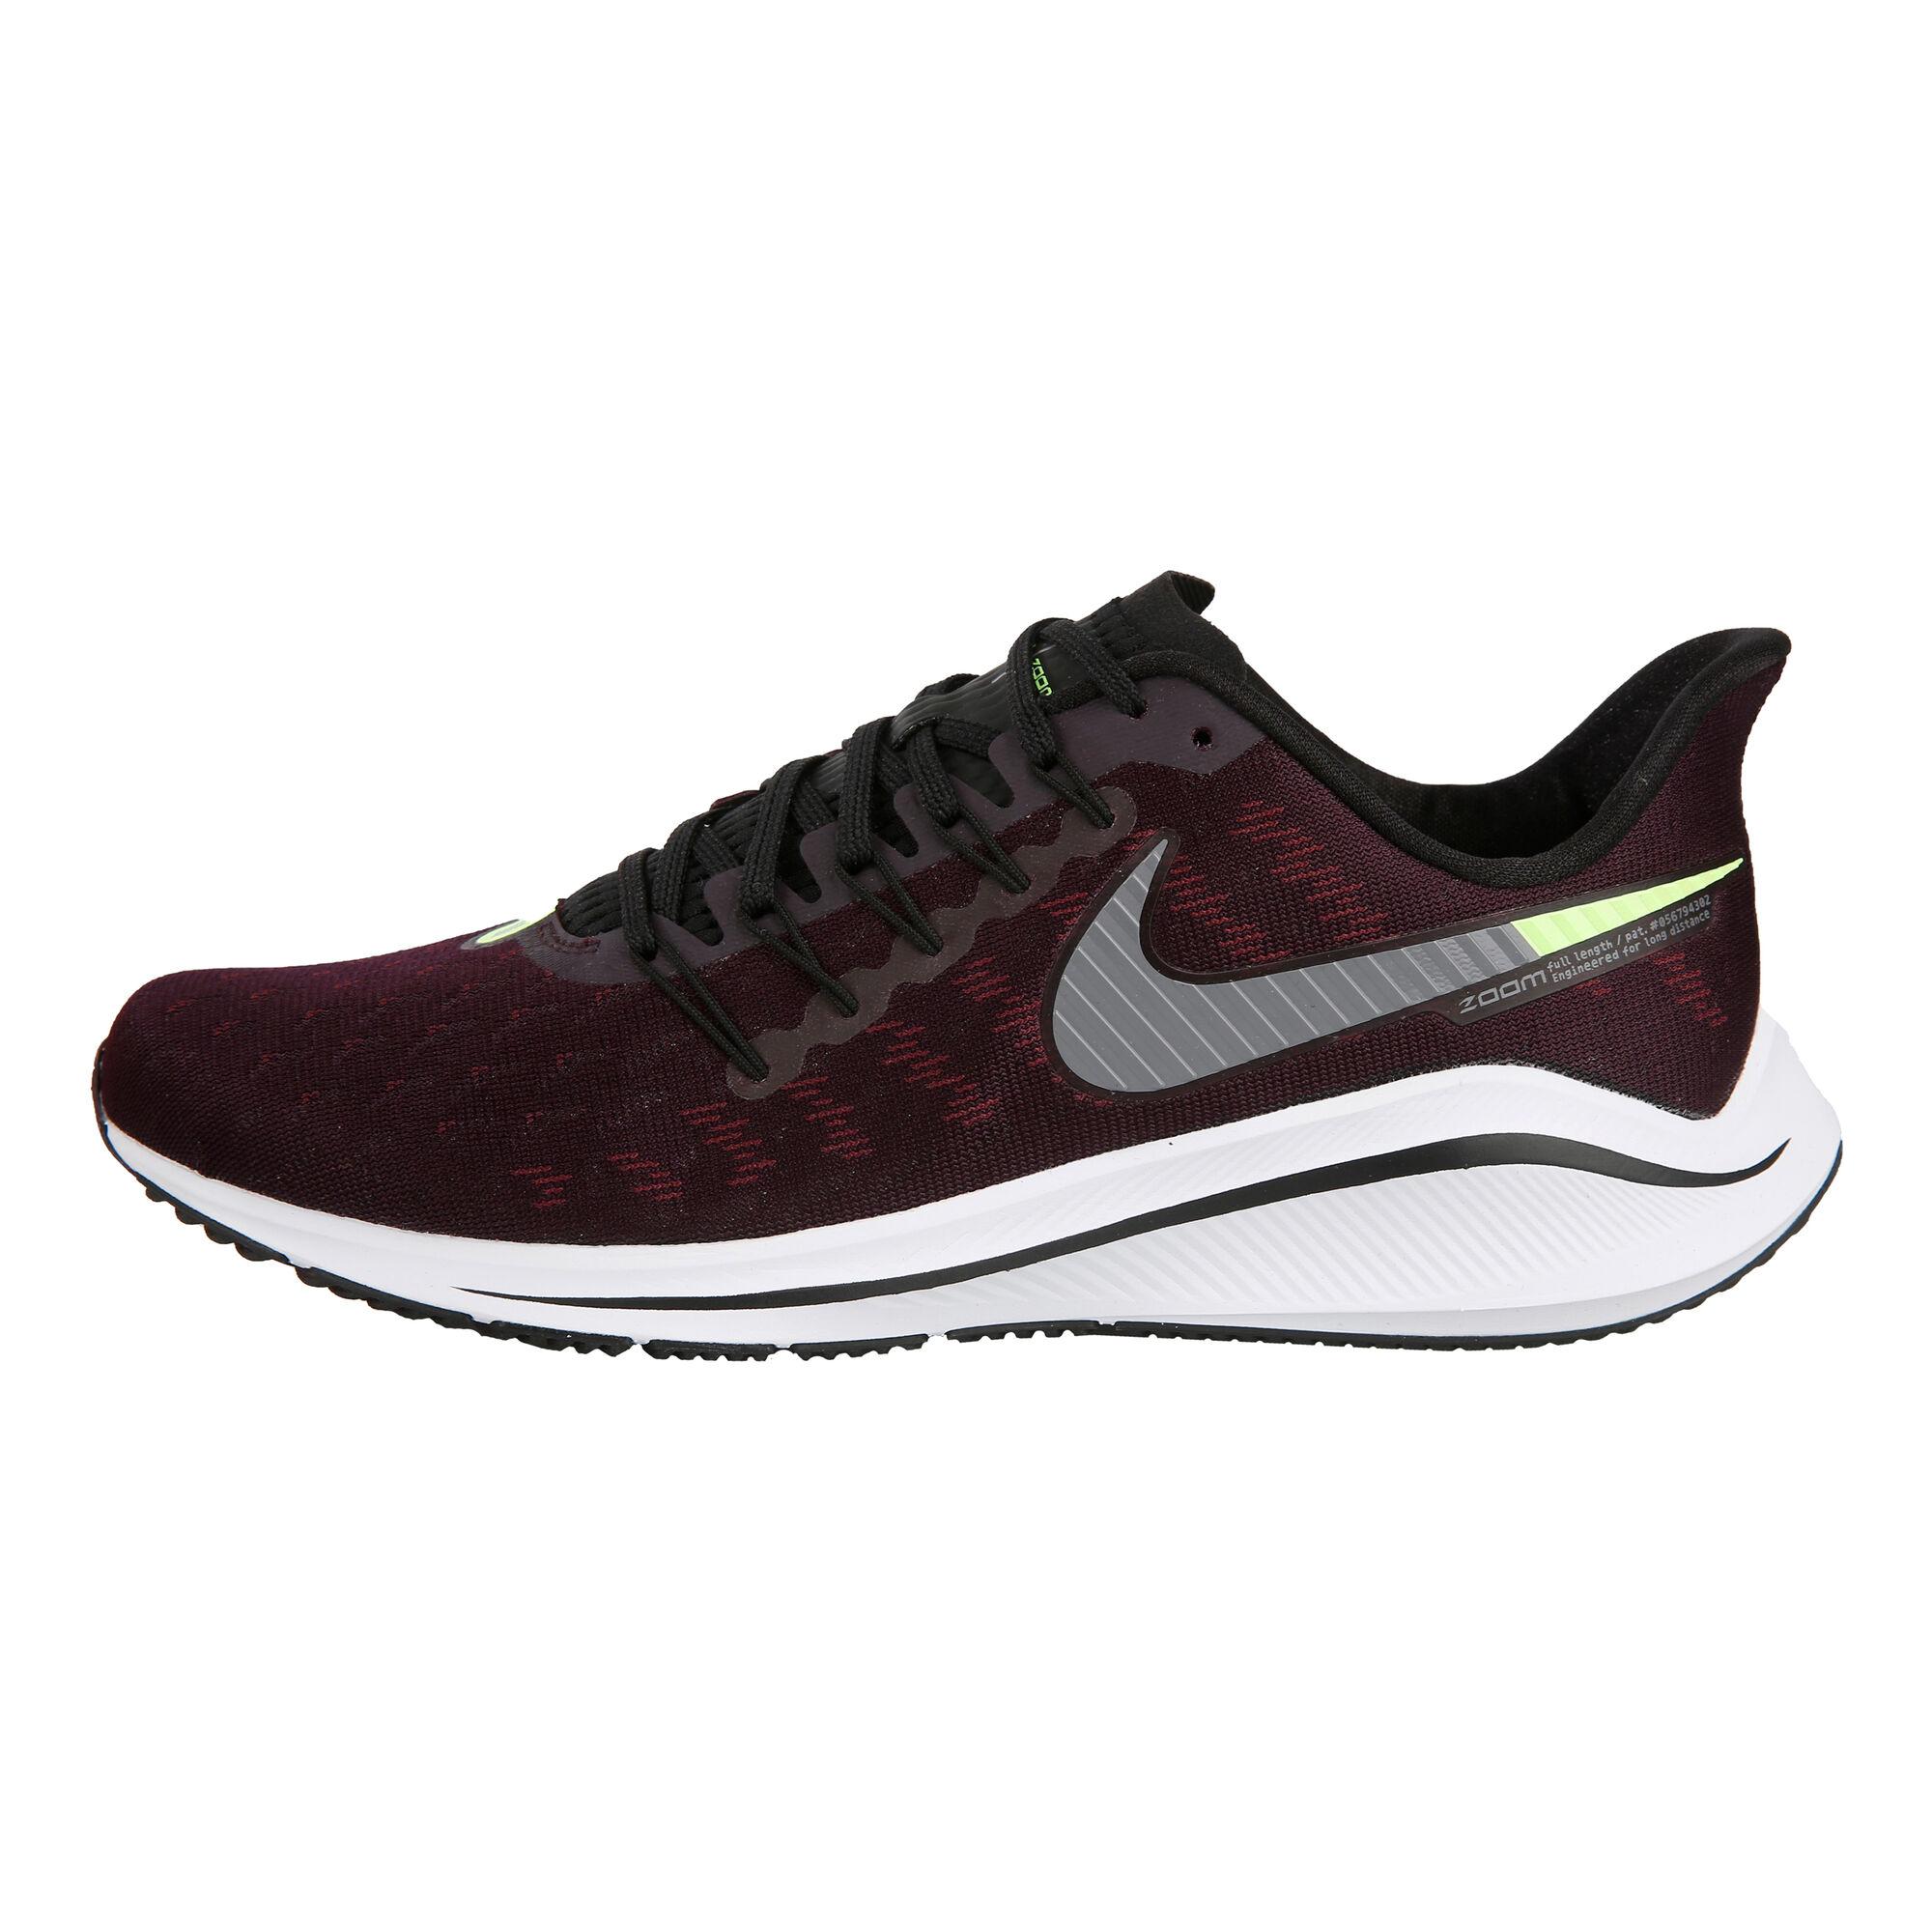 bf331aff90bb79 Nike Air Zoom Vomero 14 Neutralschuh Herren - Dunkelrot